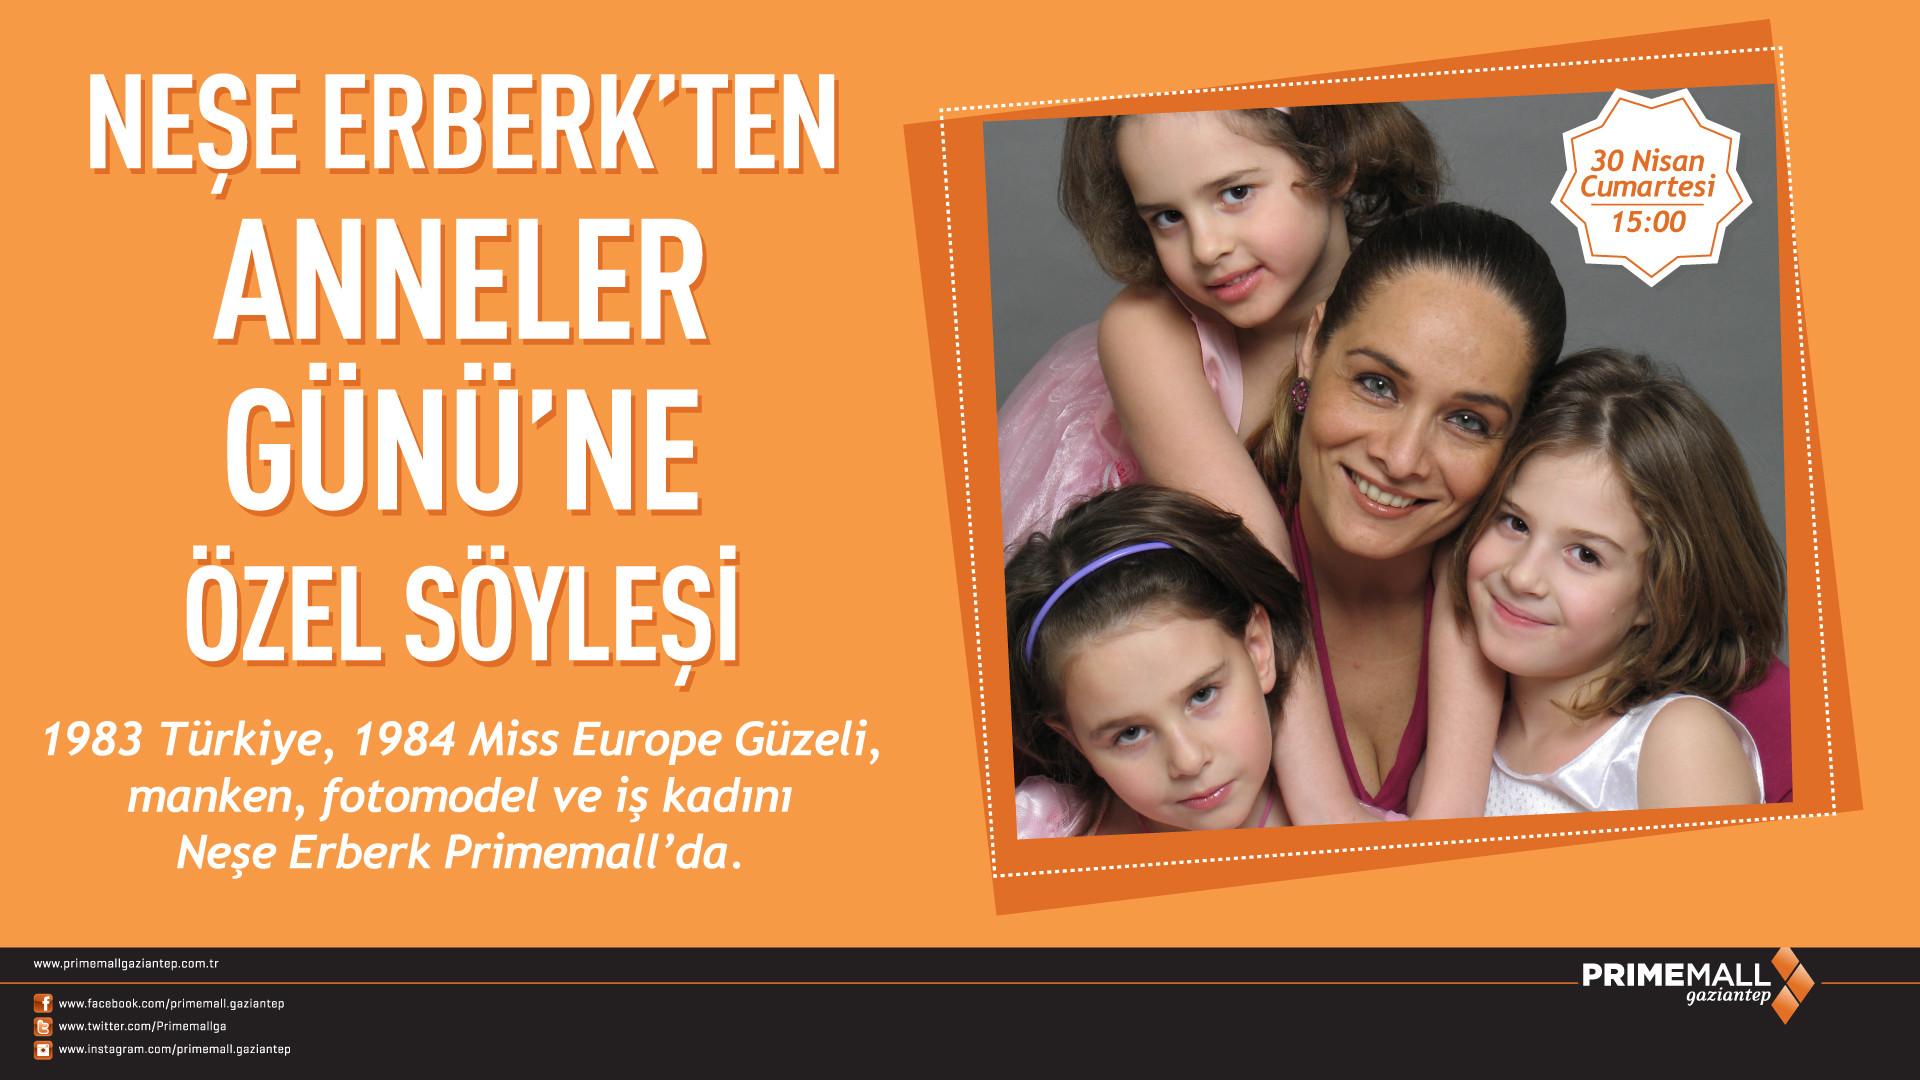 Neşe Erberk'ten Anneler Günü'ne Özel Söyleşi